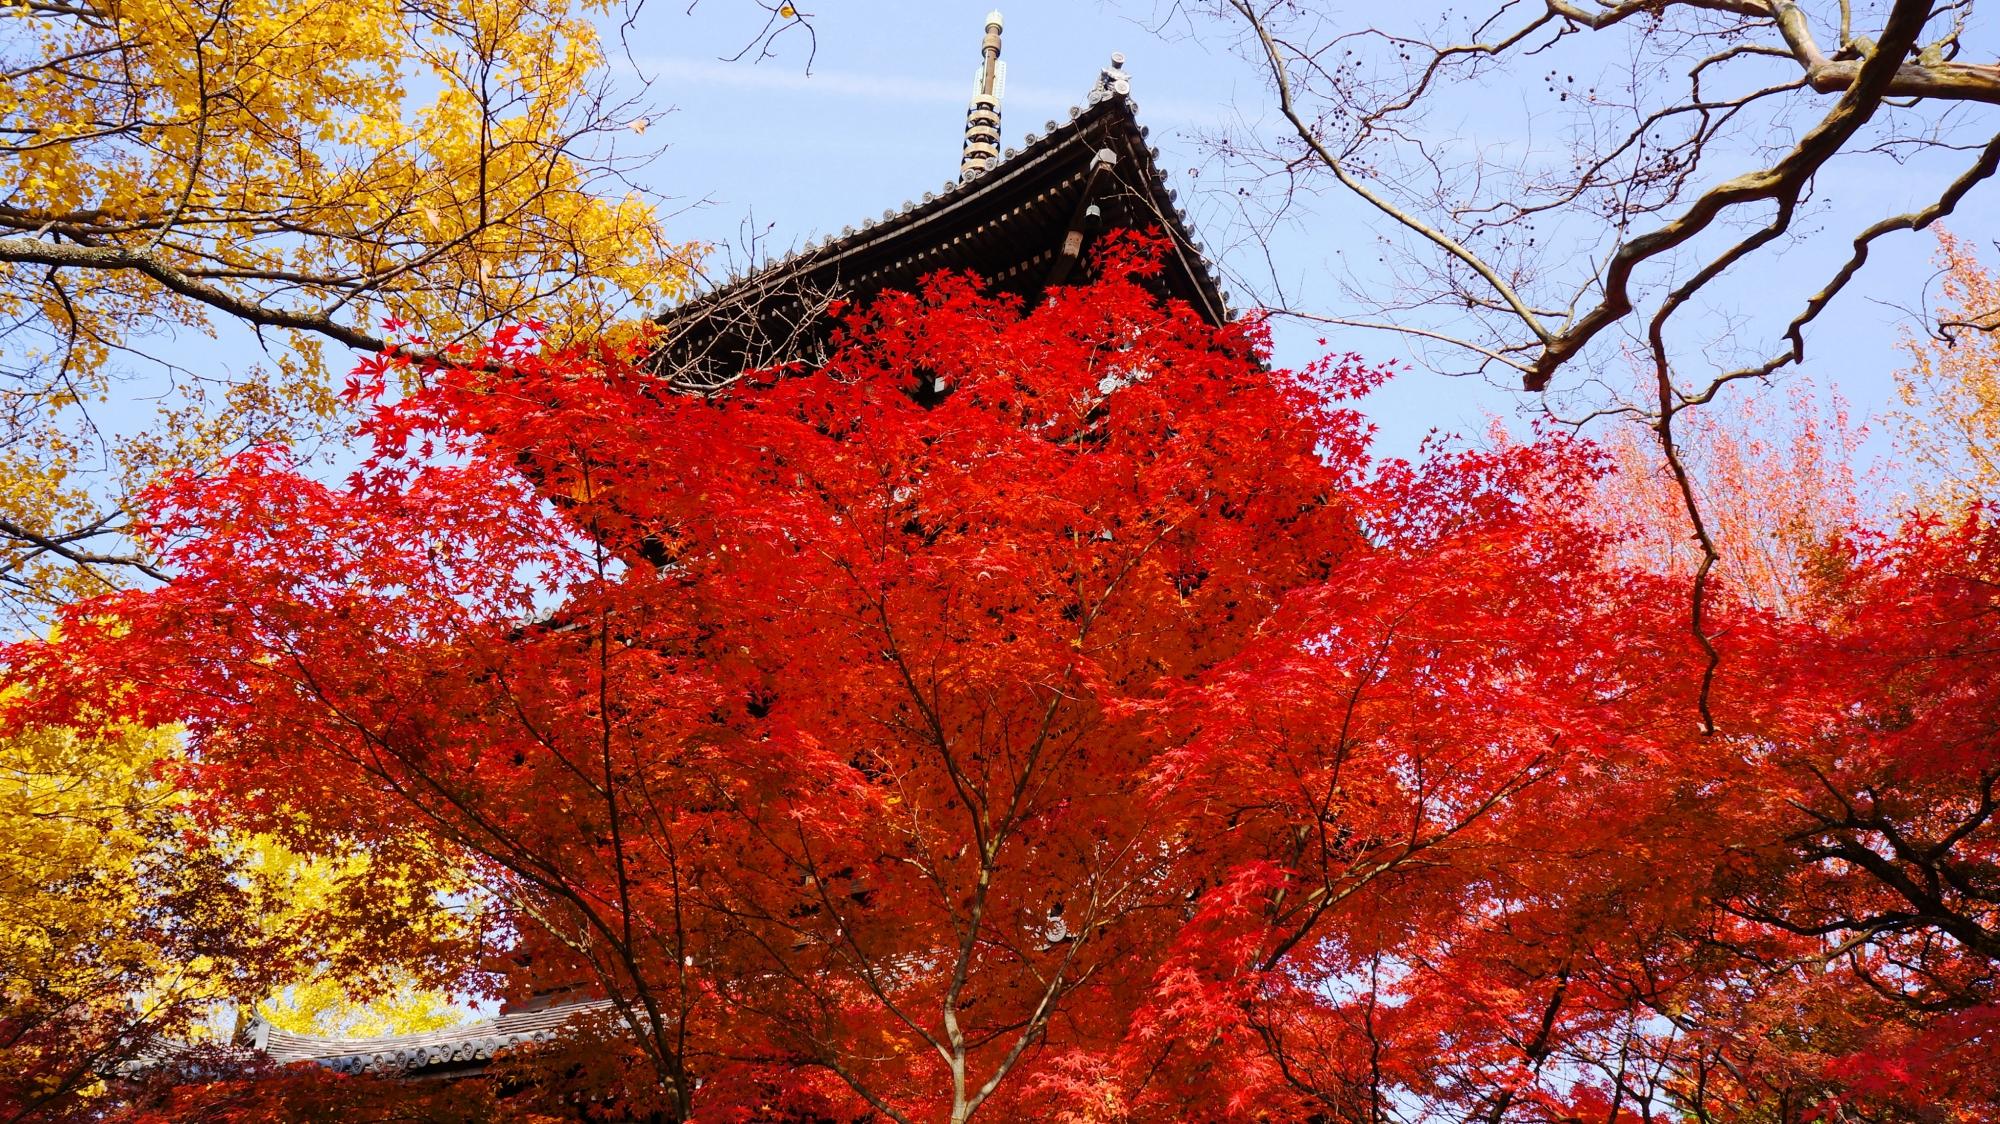 空と伽藍を彩る絶品の紅葉と銀杏